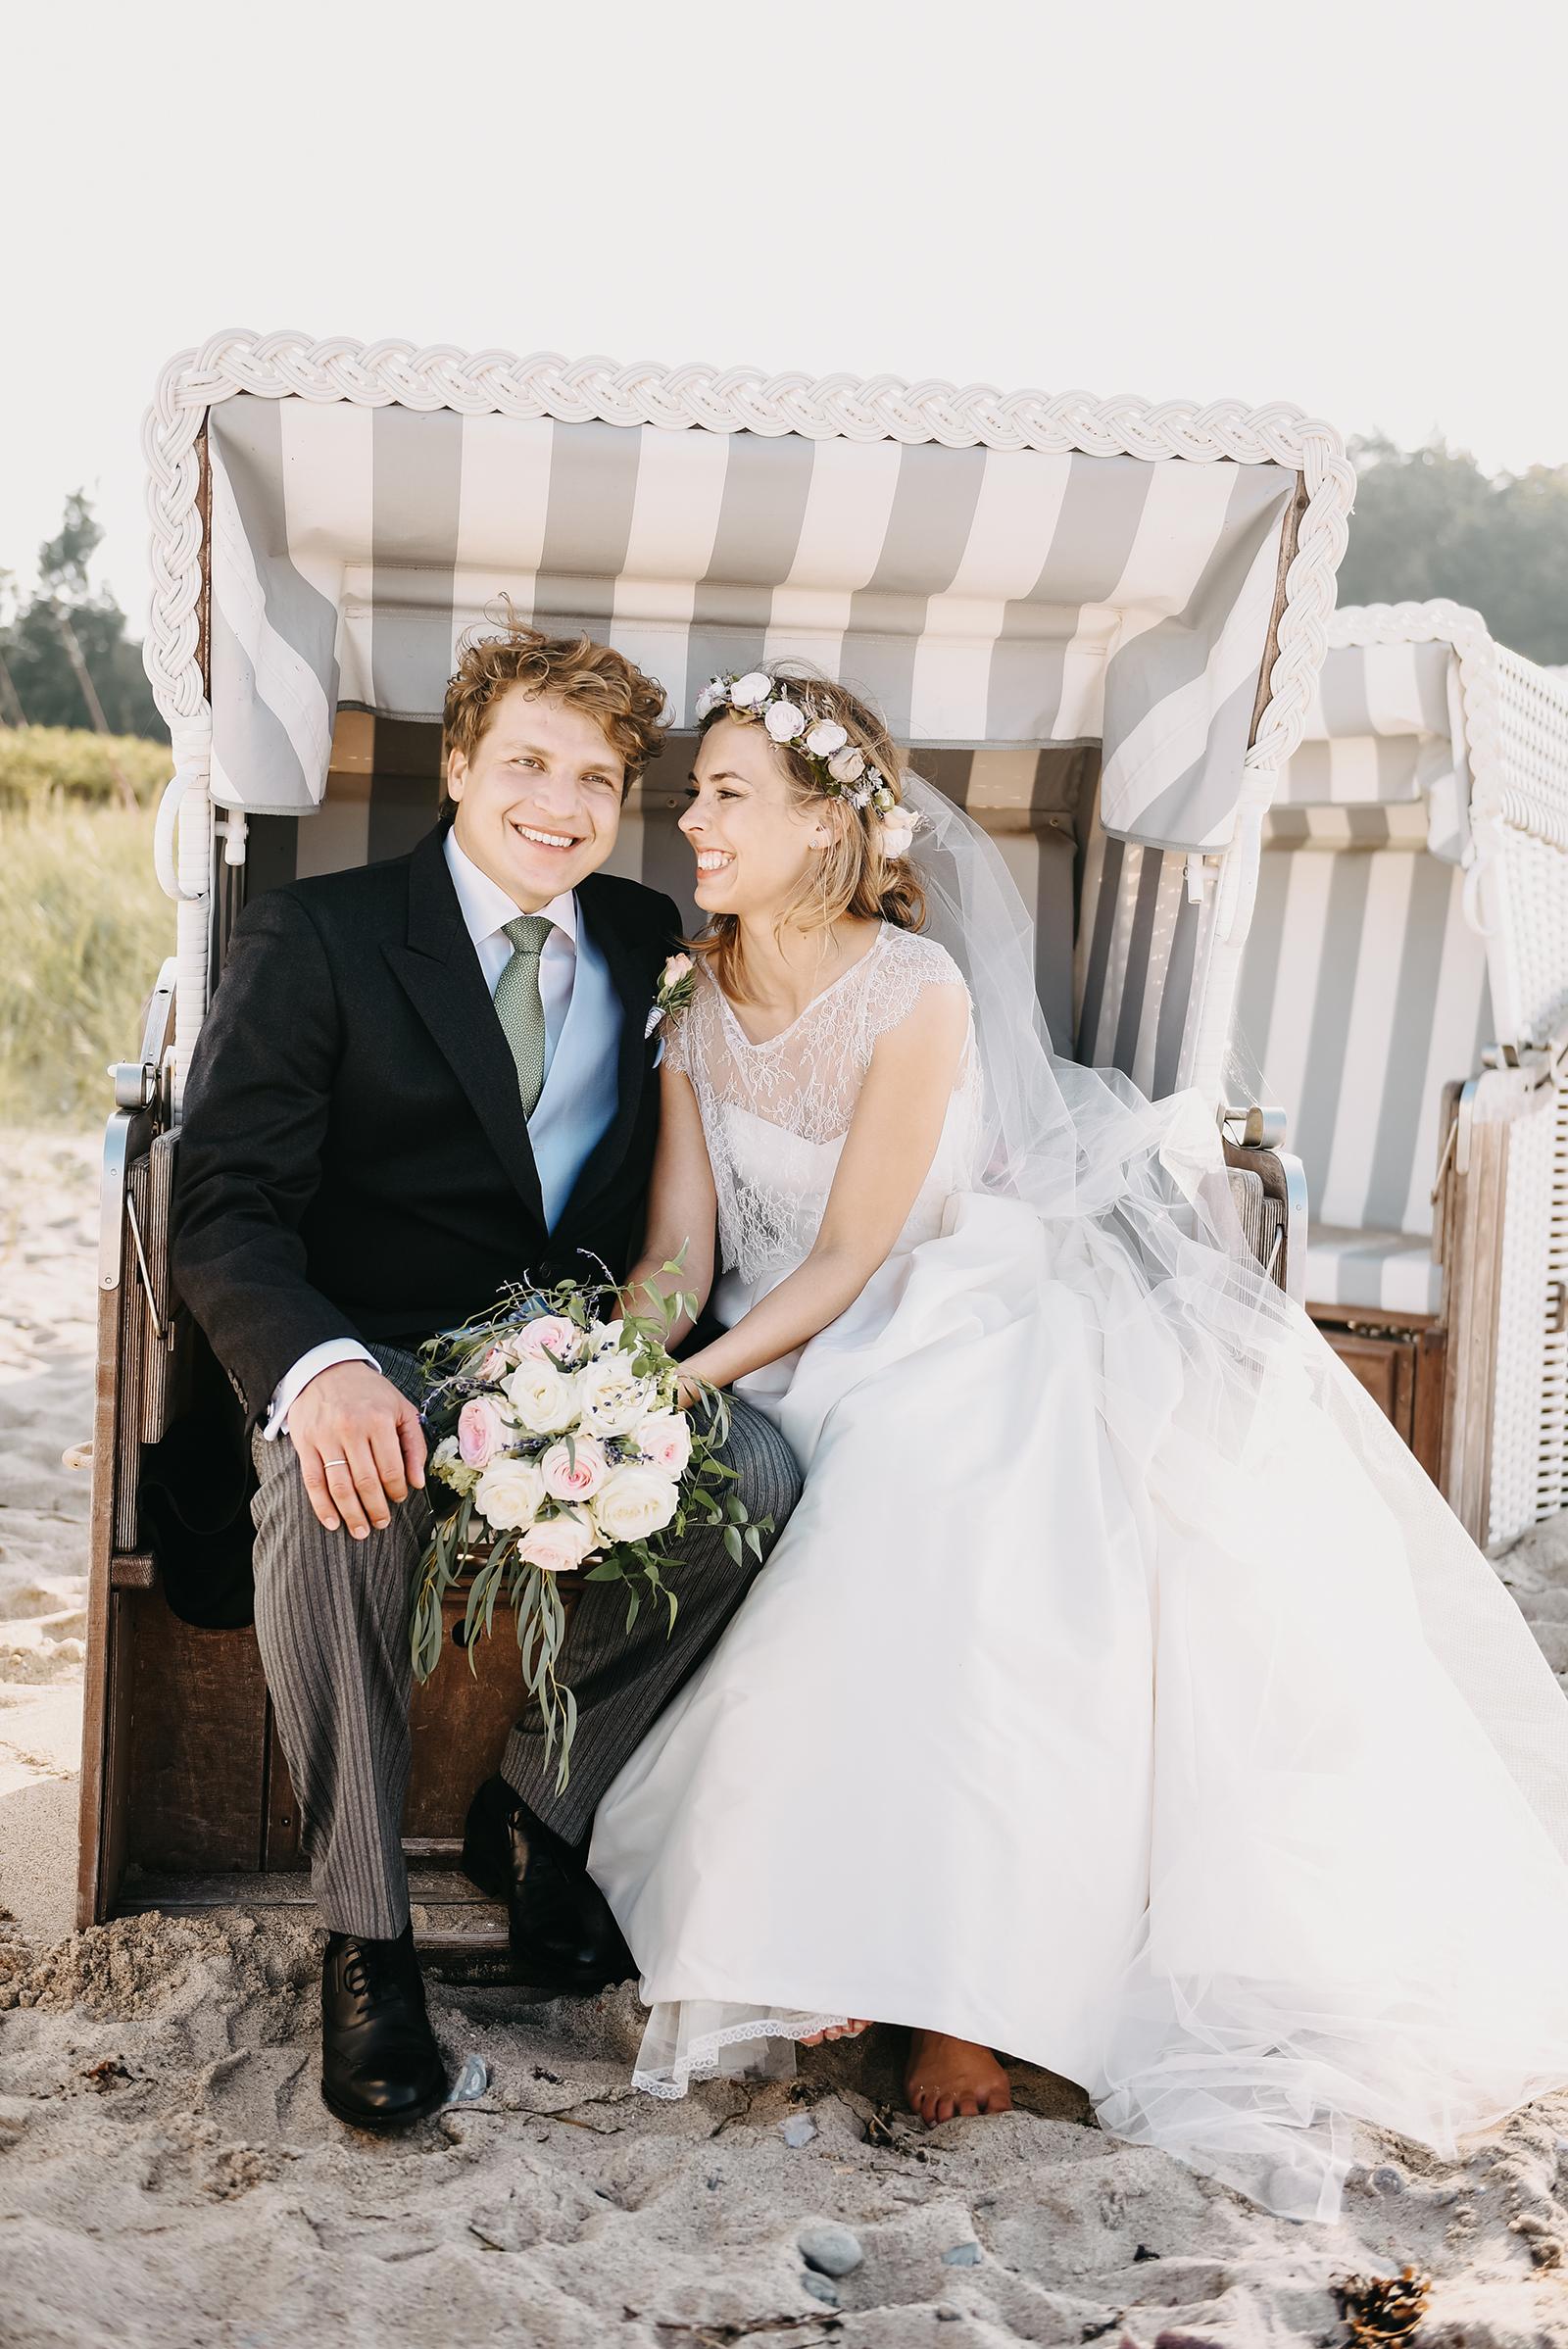 Hochzeitsreportage von Chrissy & Christoph an der Ostsee